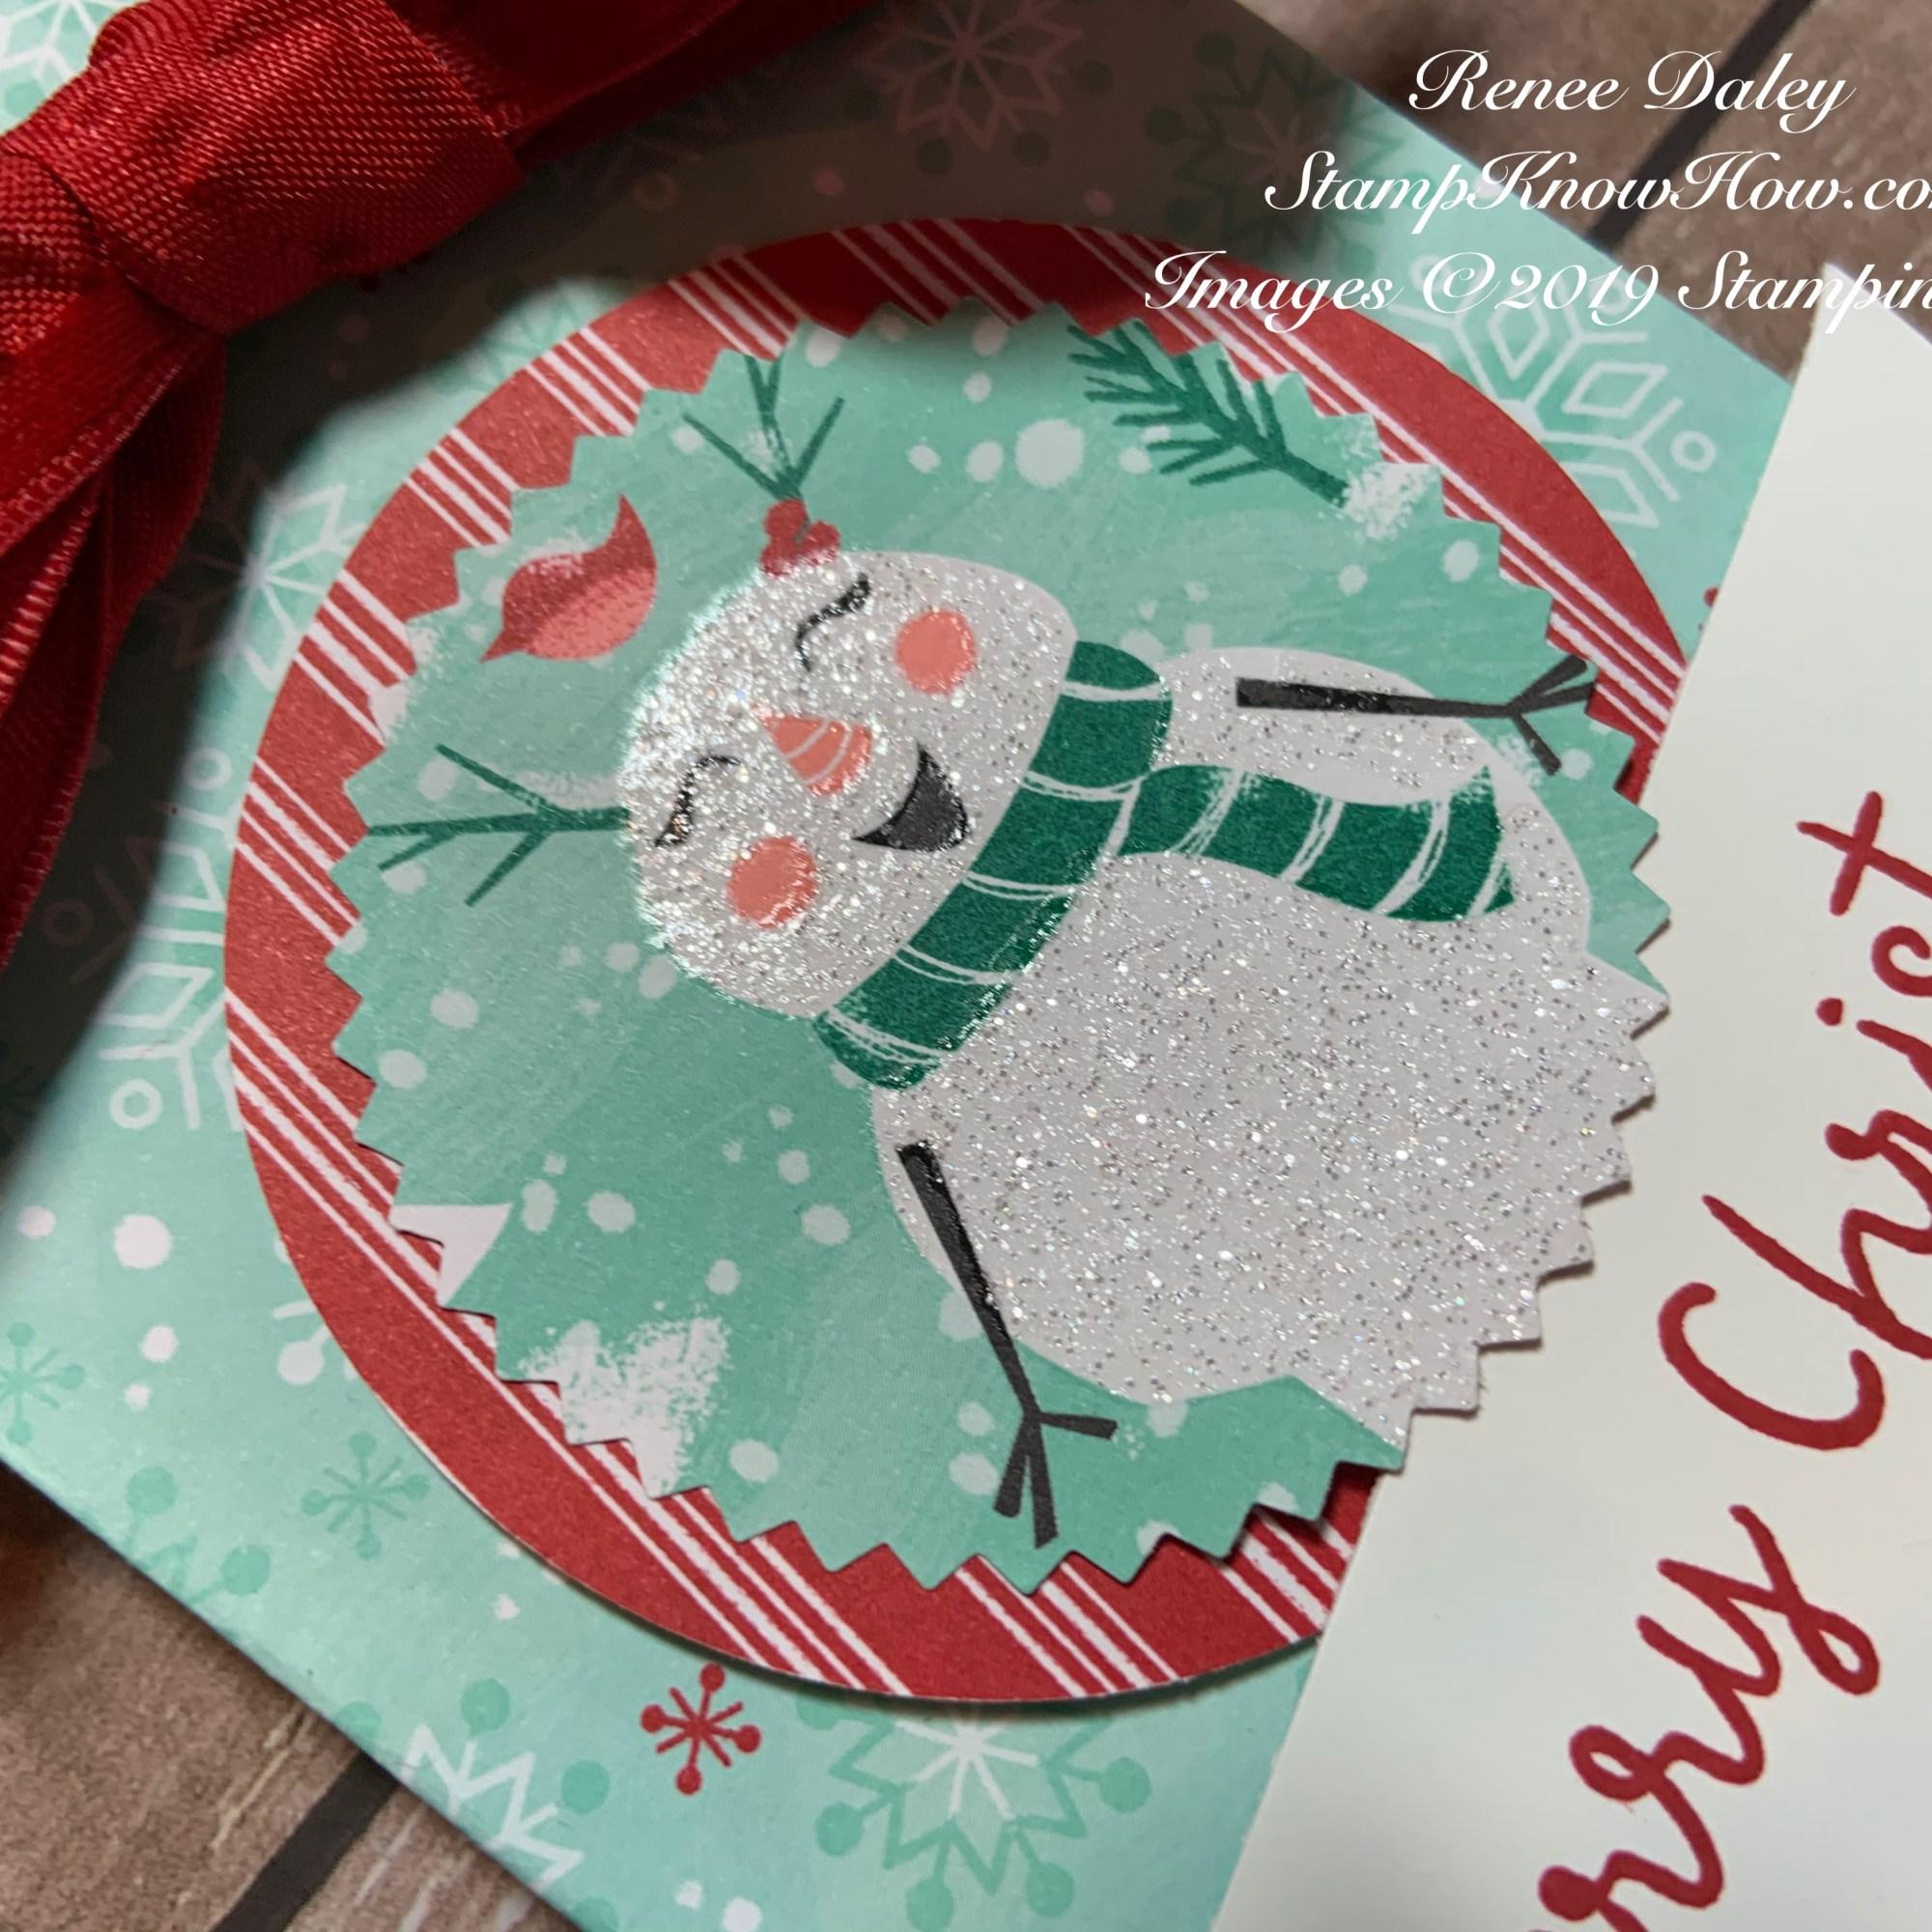 Let It Snow Ghirradelli candy Bar box